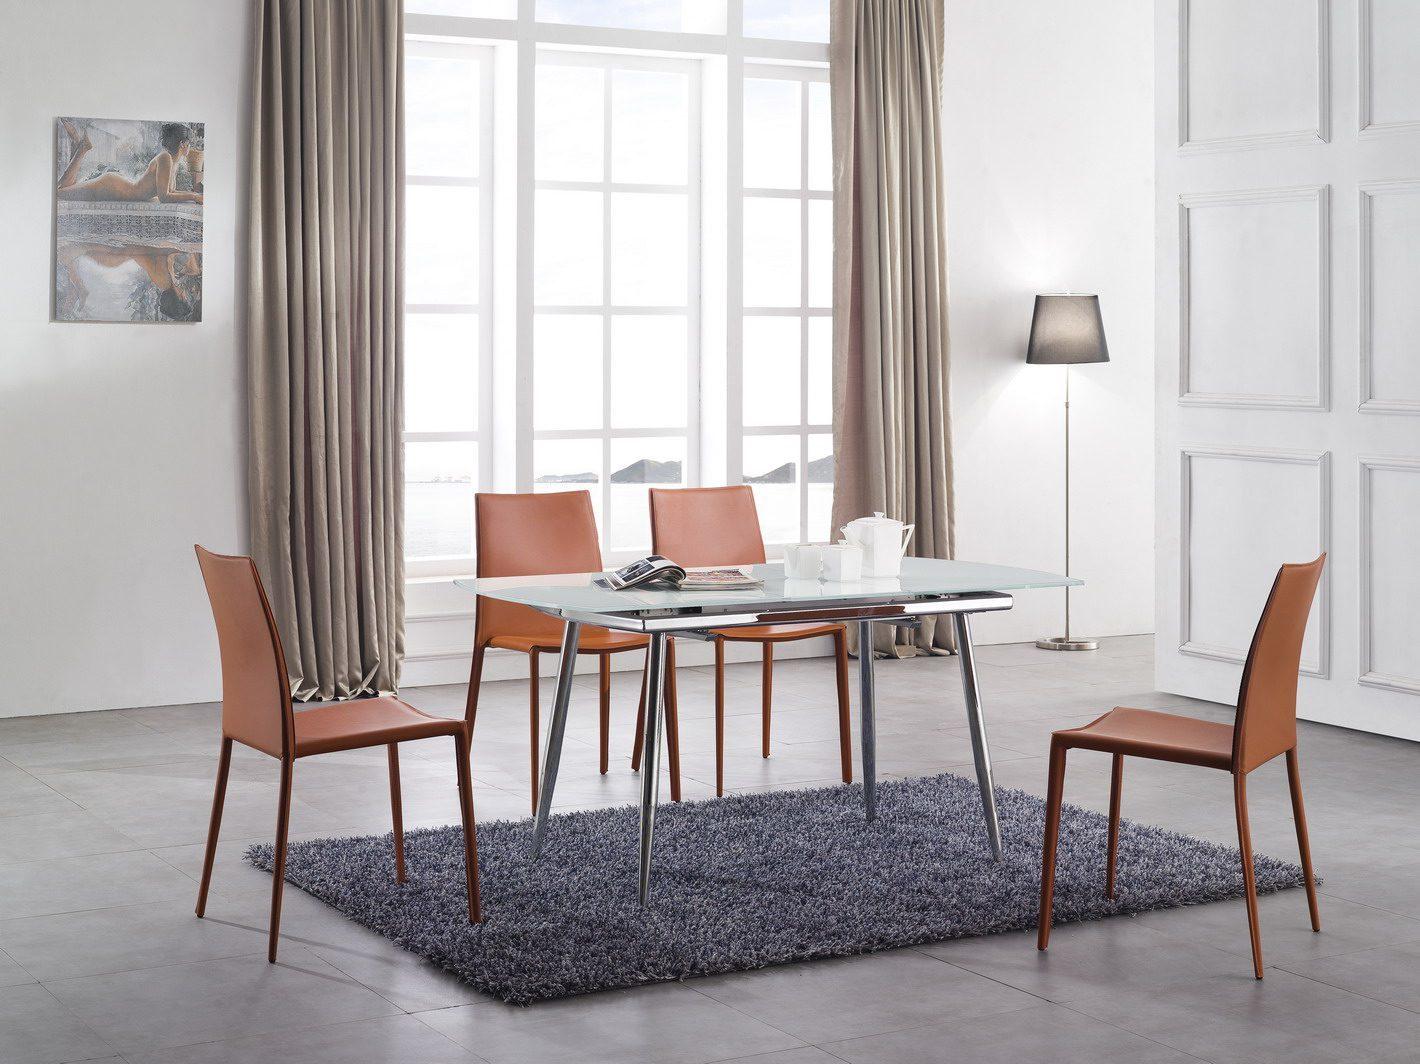 Стол ESF LT6230 белый, стулья ESF 3018 оранжевые